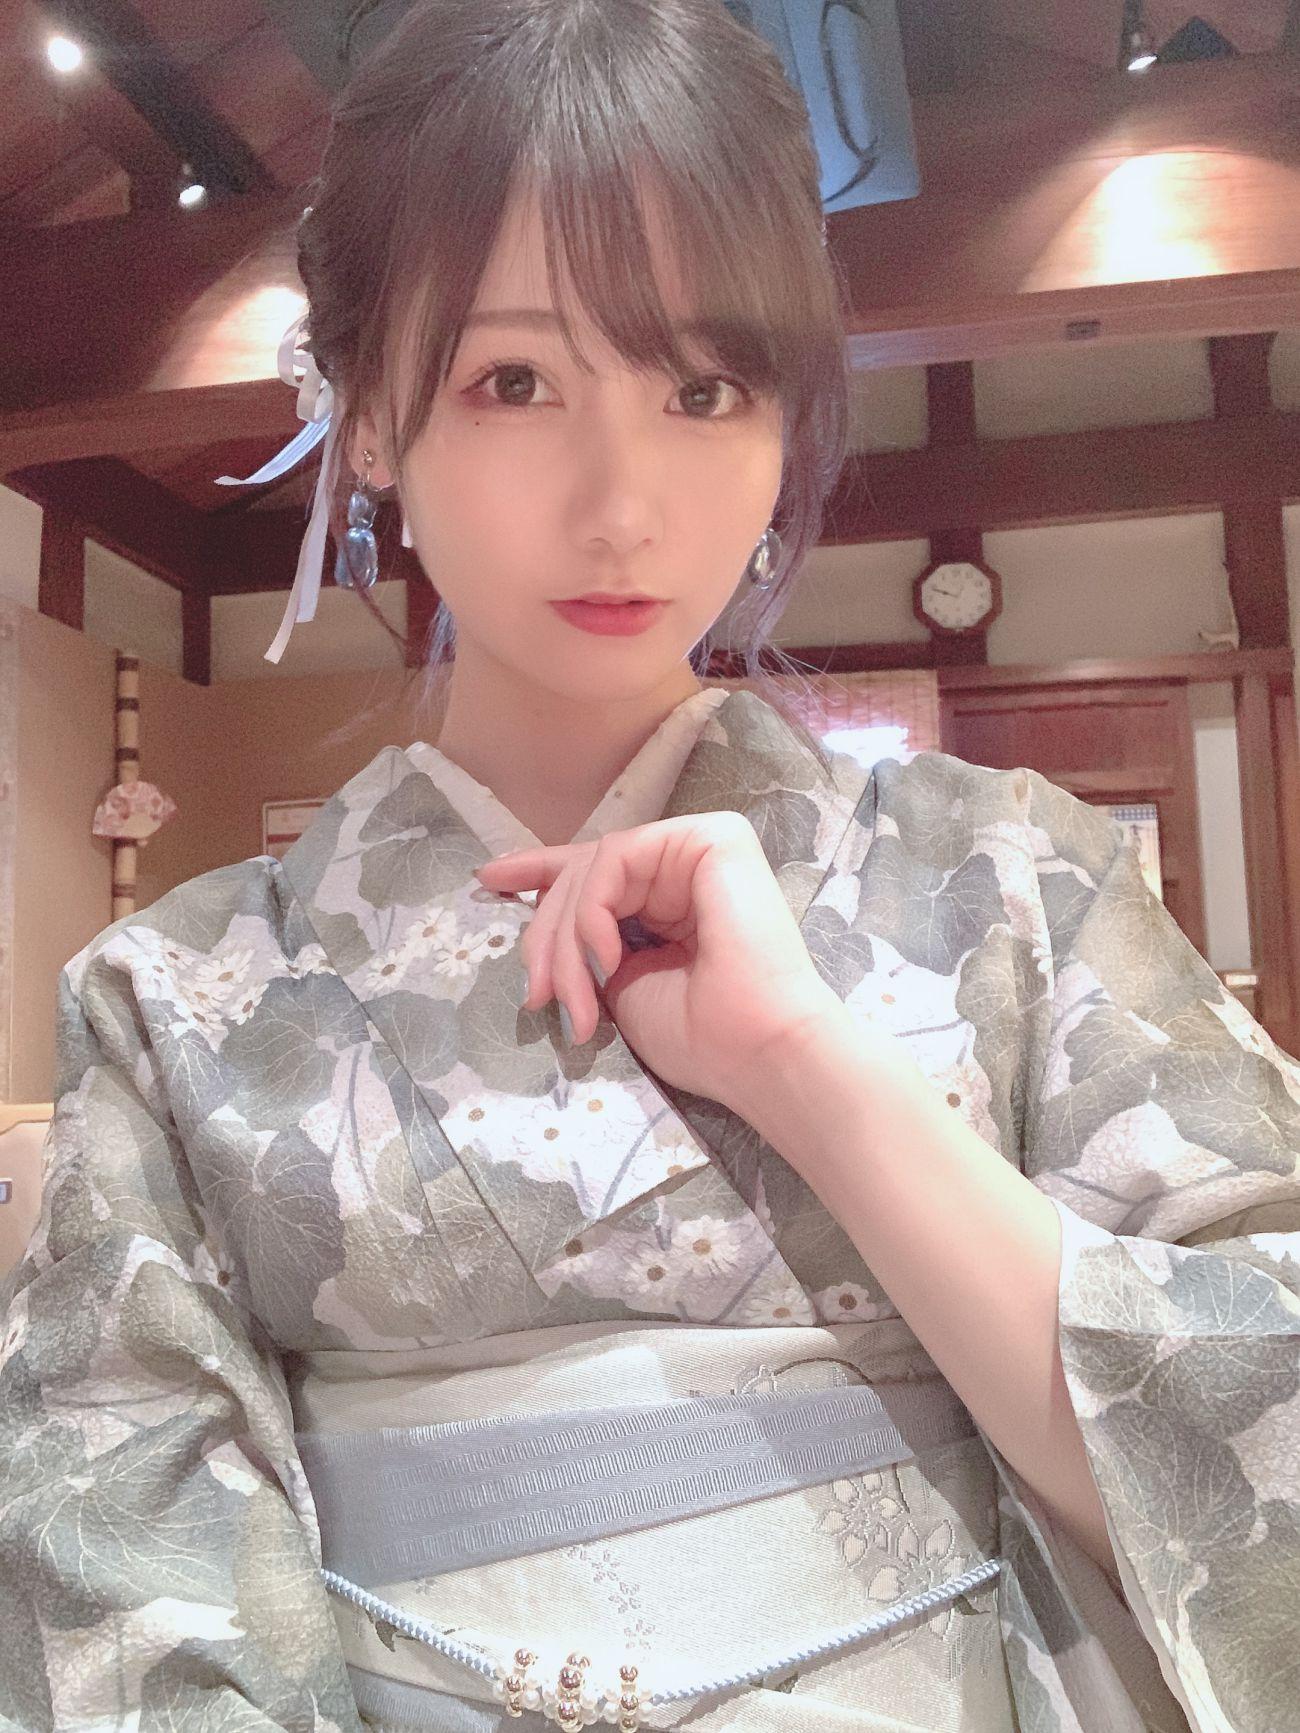 日本美少女COSERけんけん fantia 私服